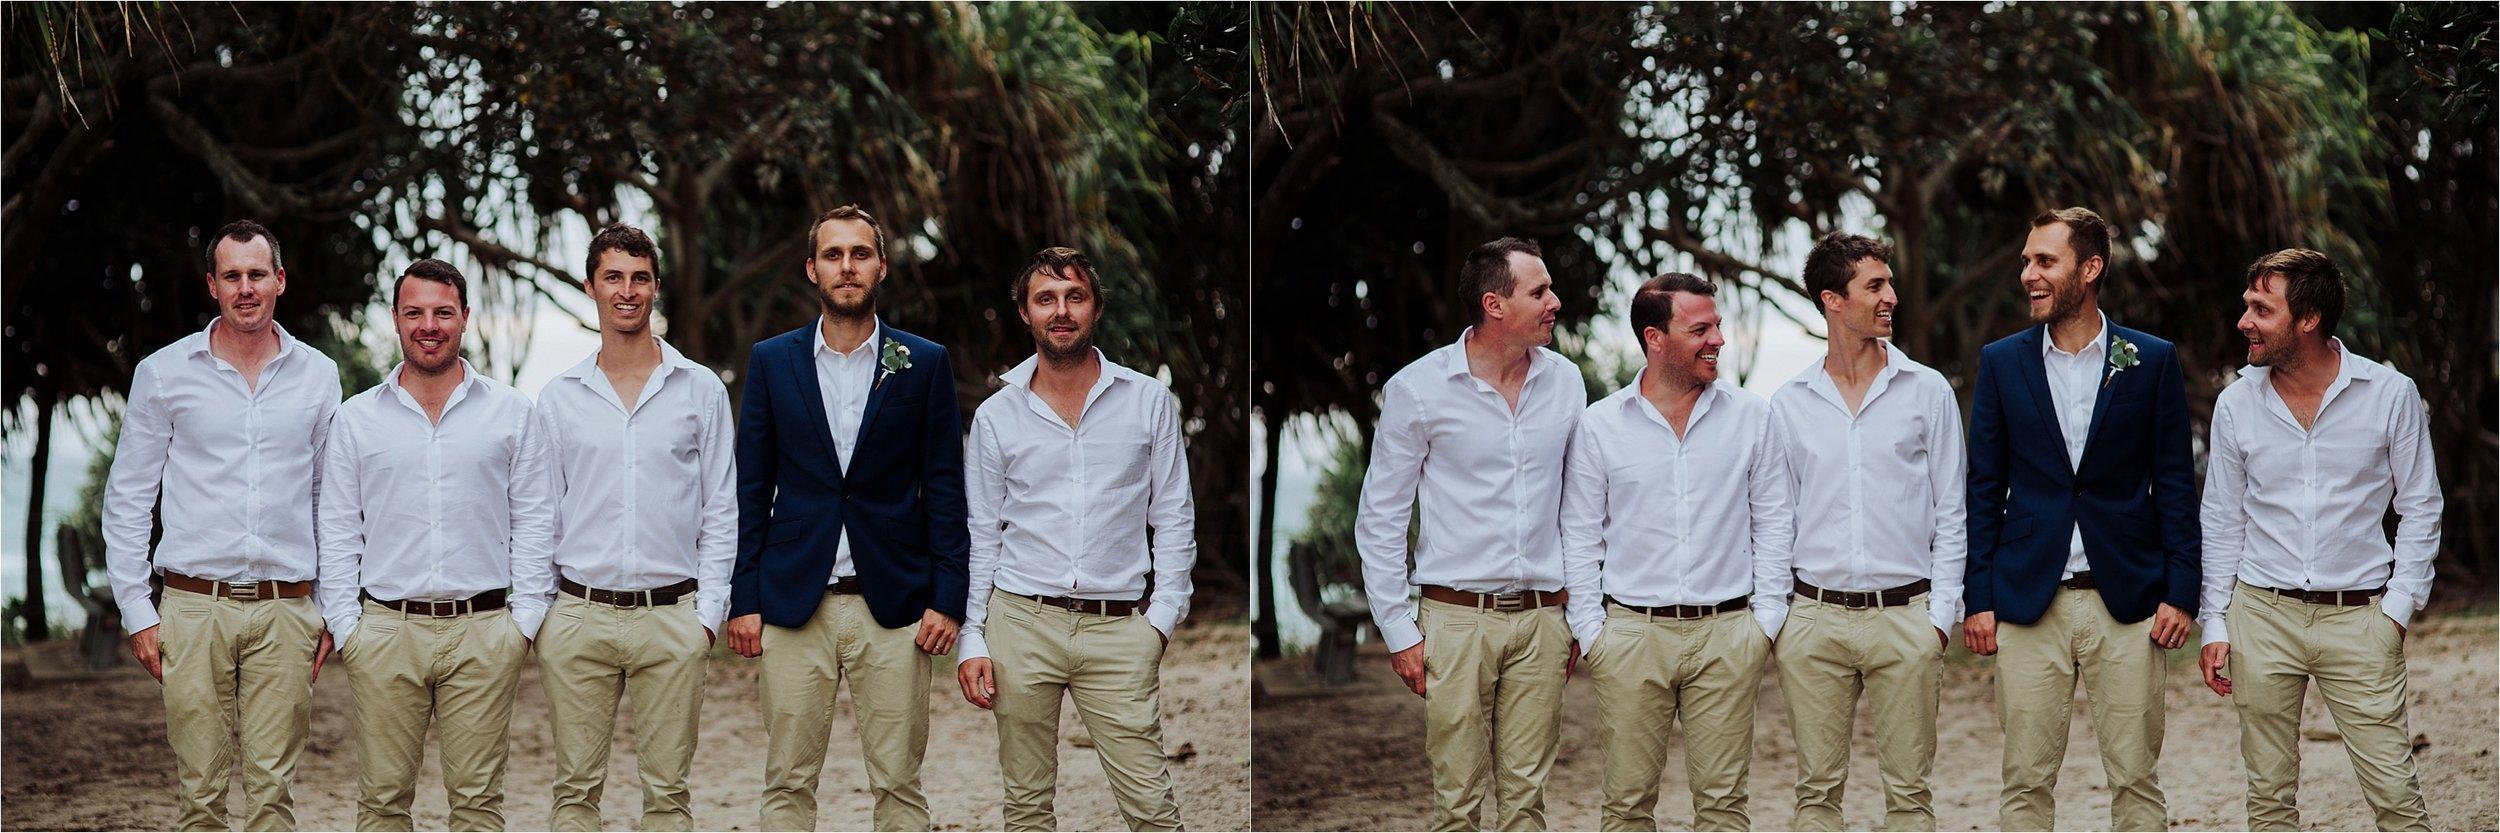 Broken_Headland_Byron_Bay_Wedding-by_The_Follans_0095.jpg